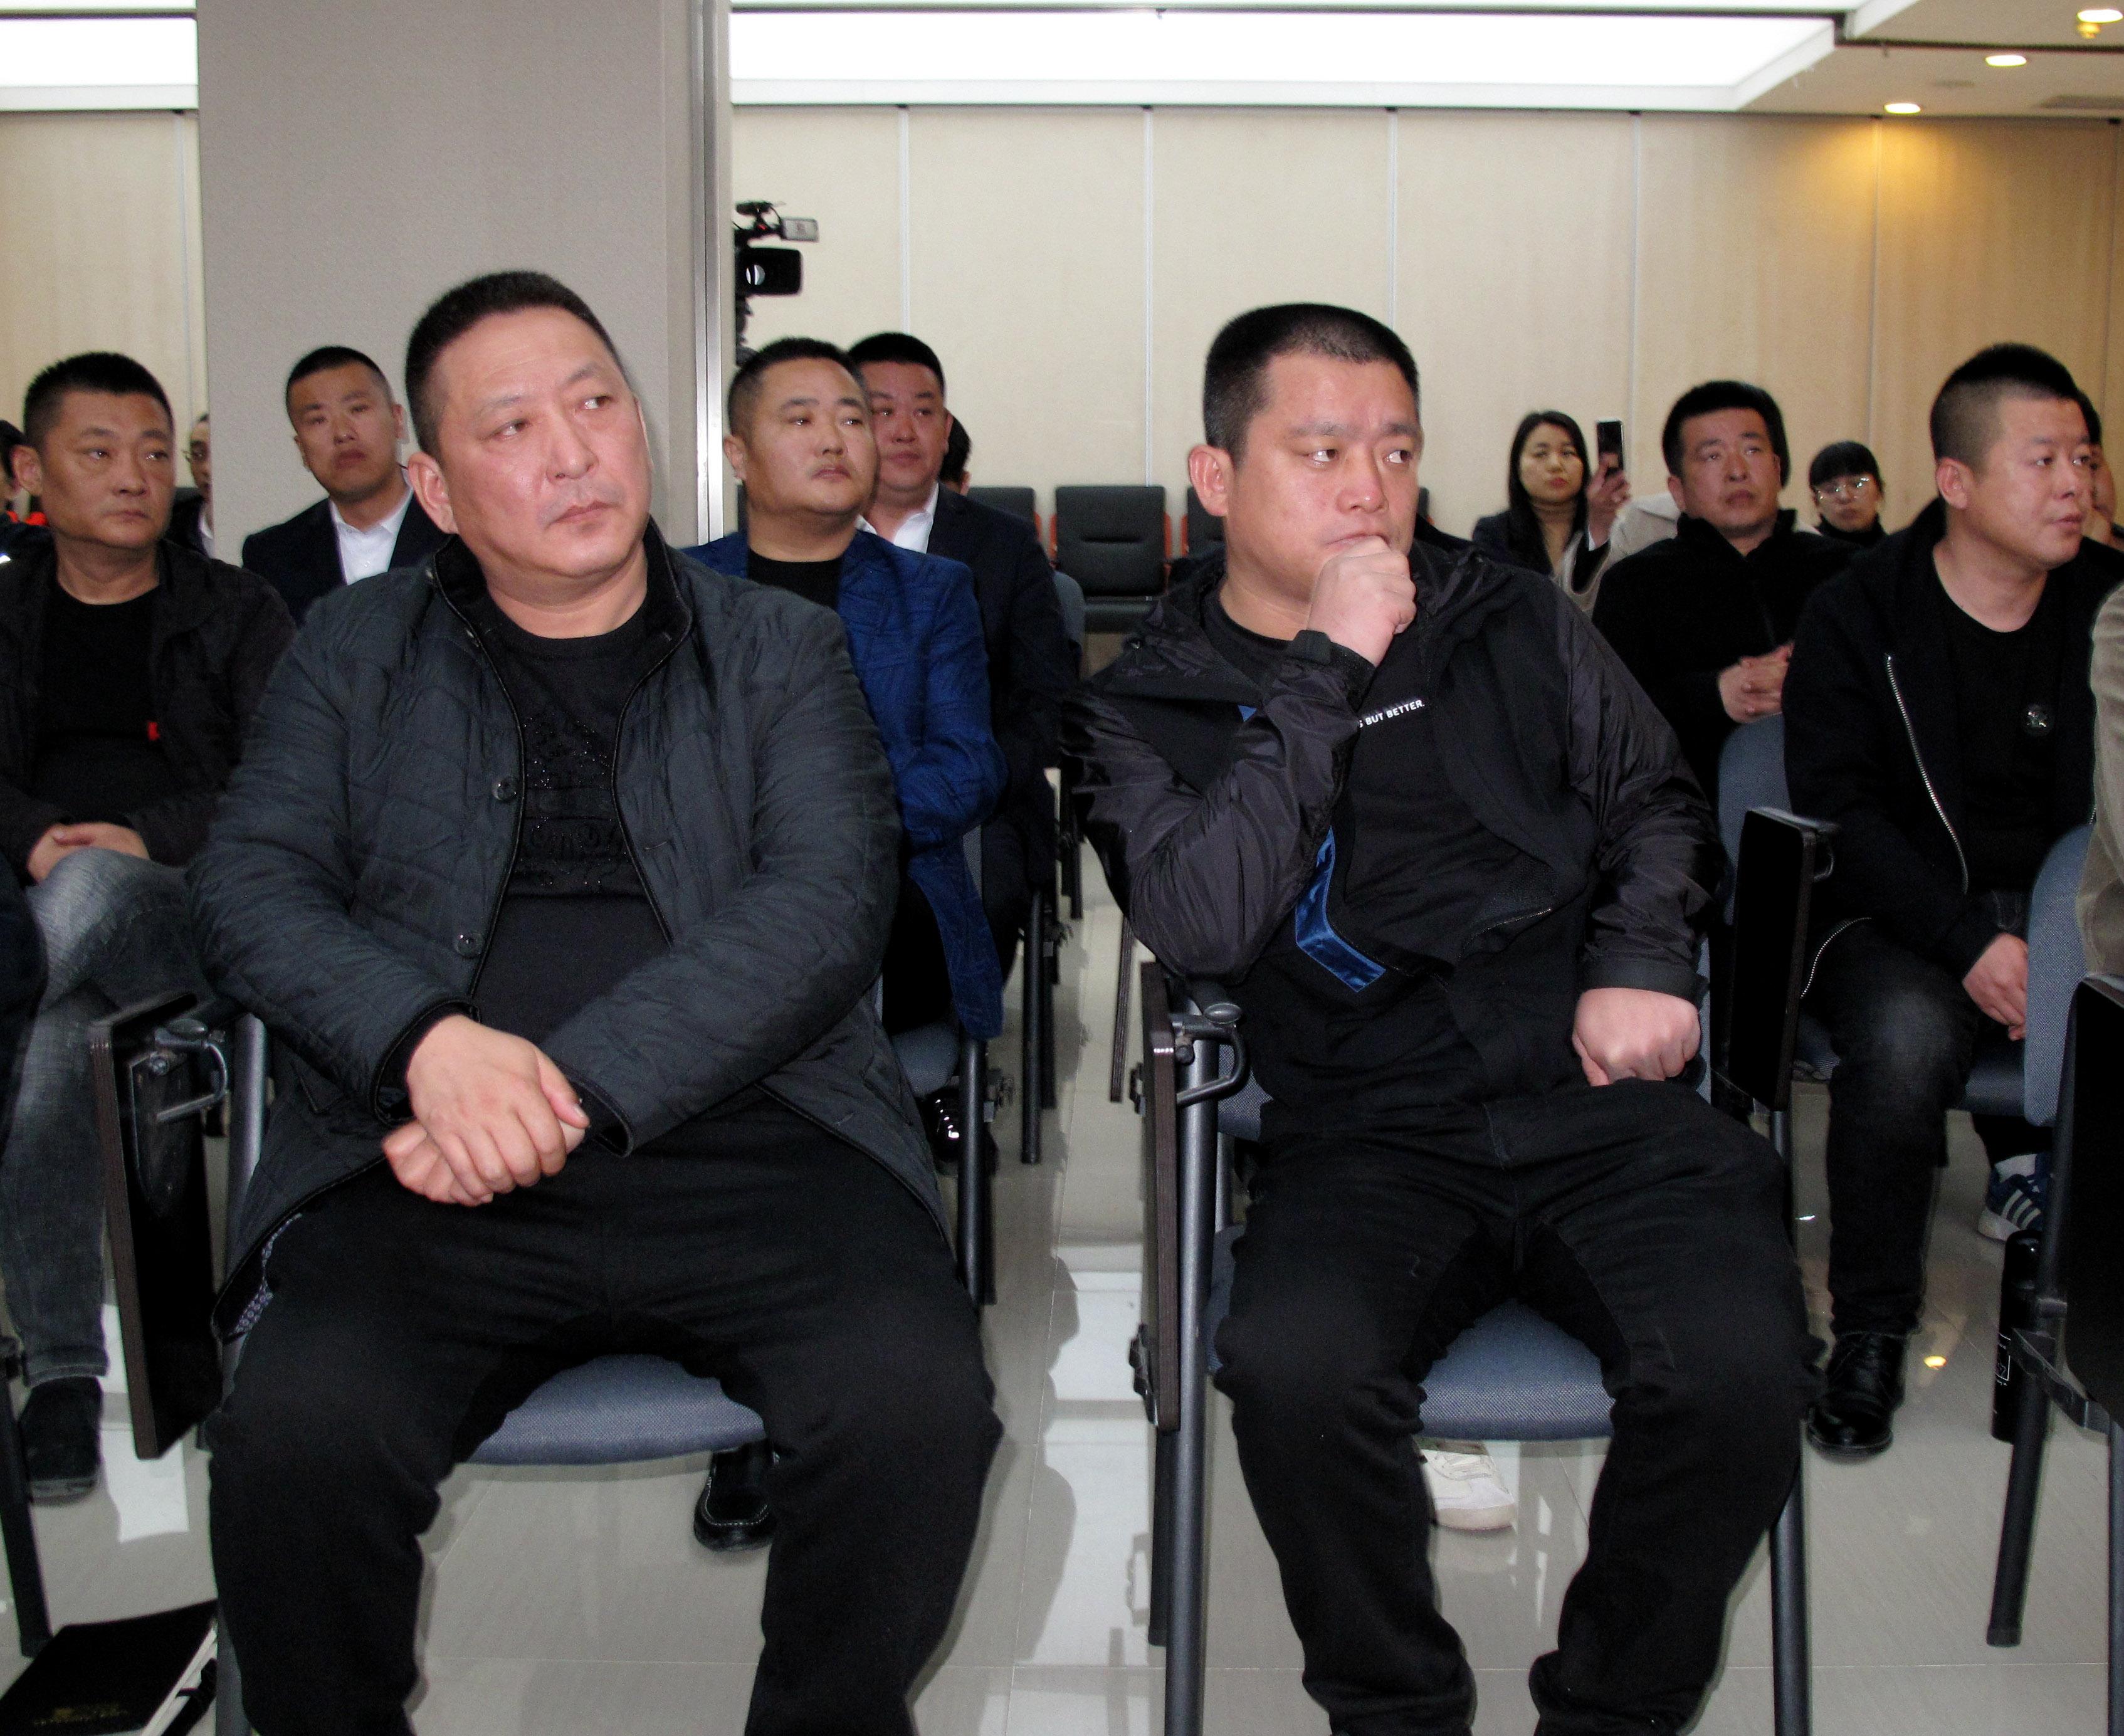 唐山市信鸽协会秘书长张建立-左唐山阳光家园鸽业王秀强-右。